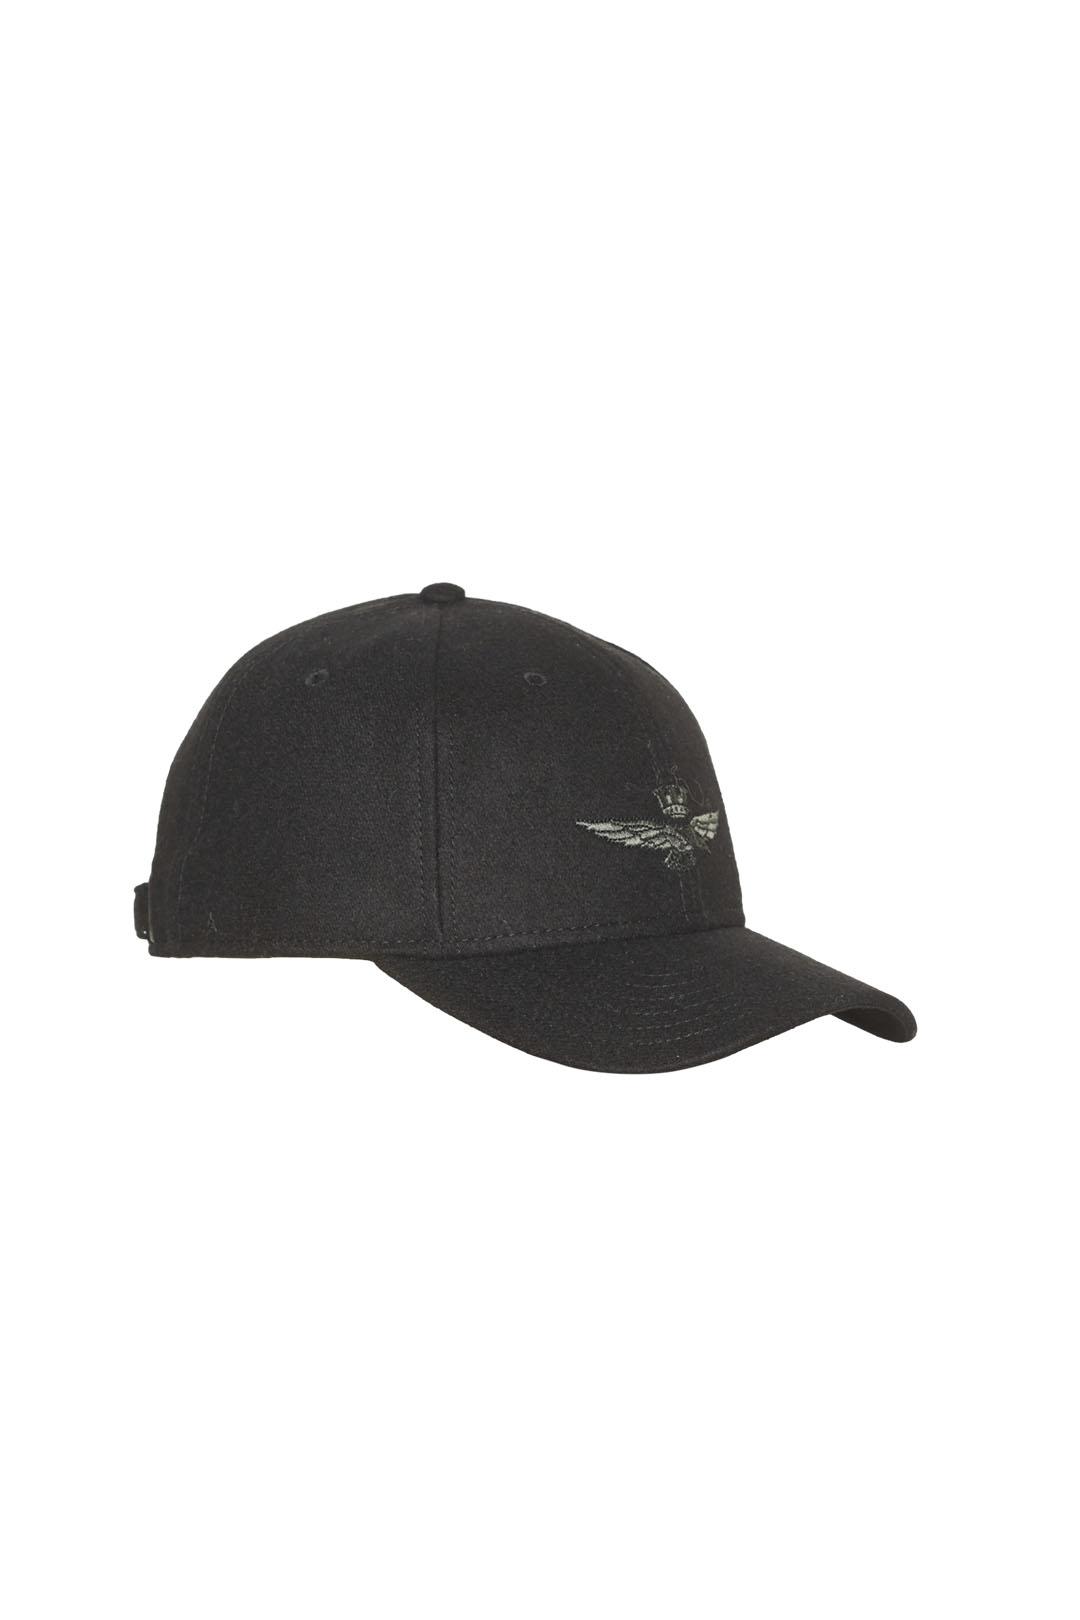 Hut aus Wolle und Polyester Mischung